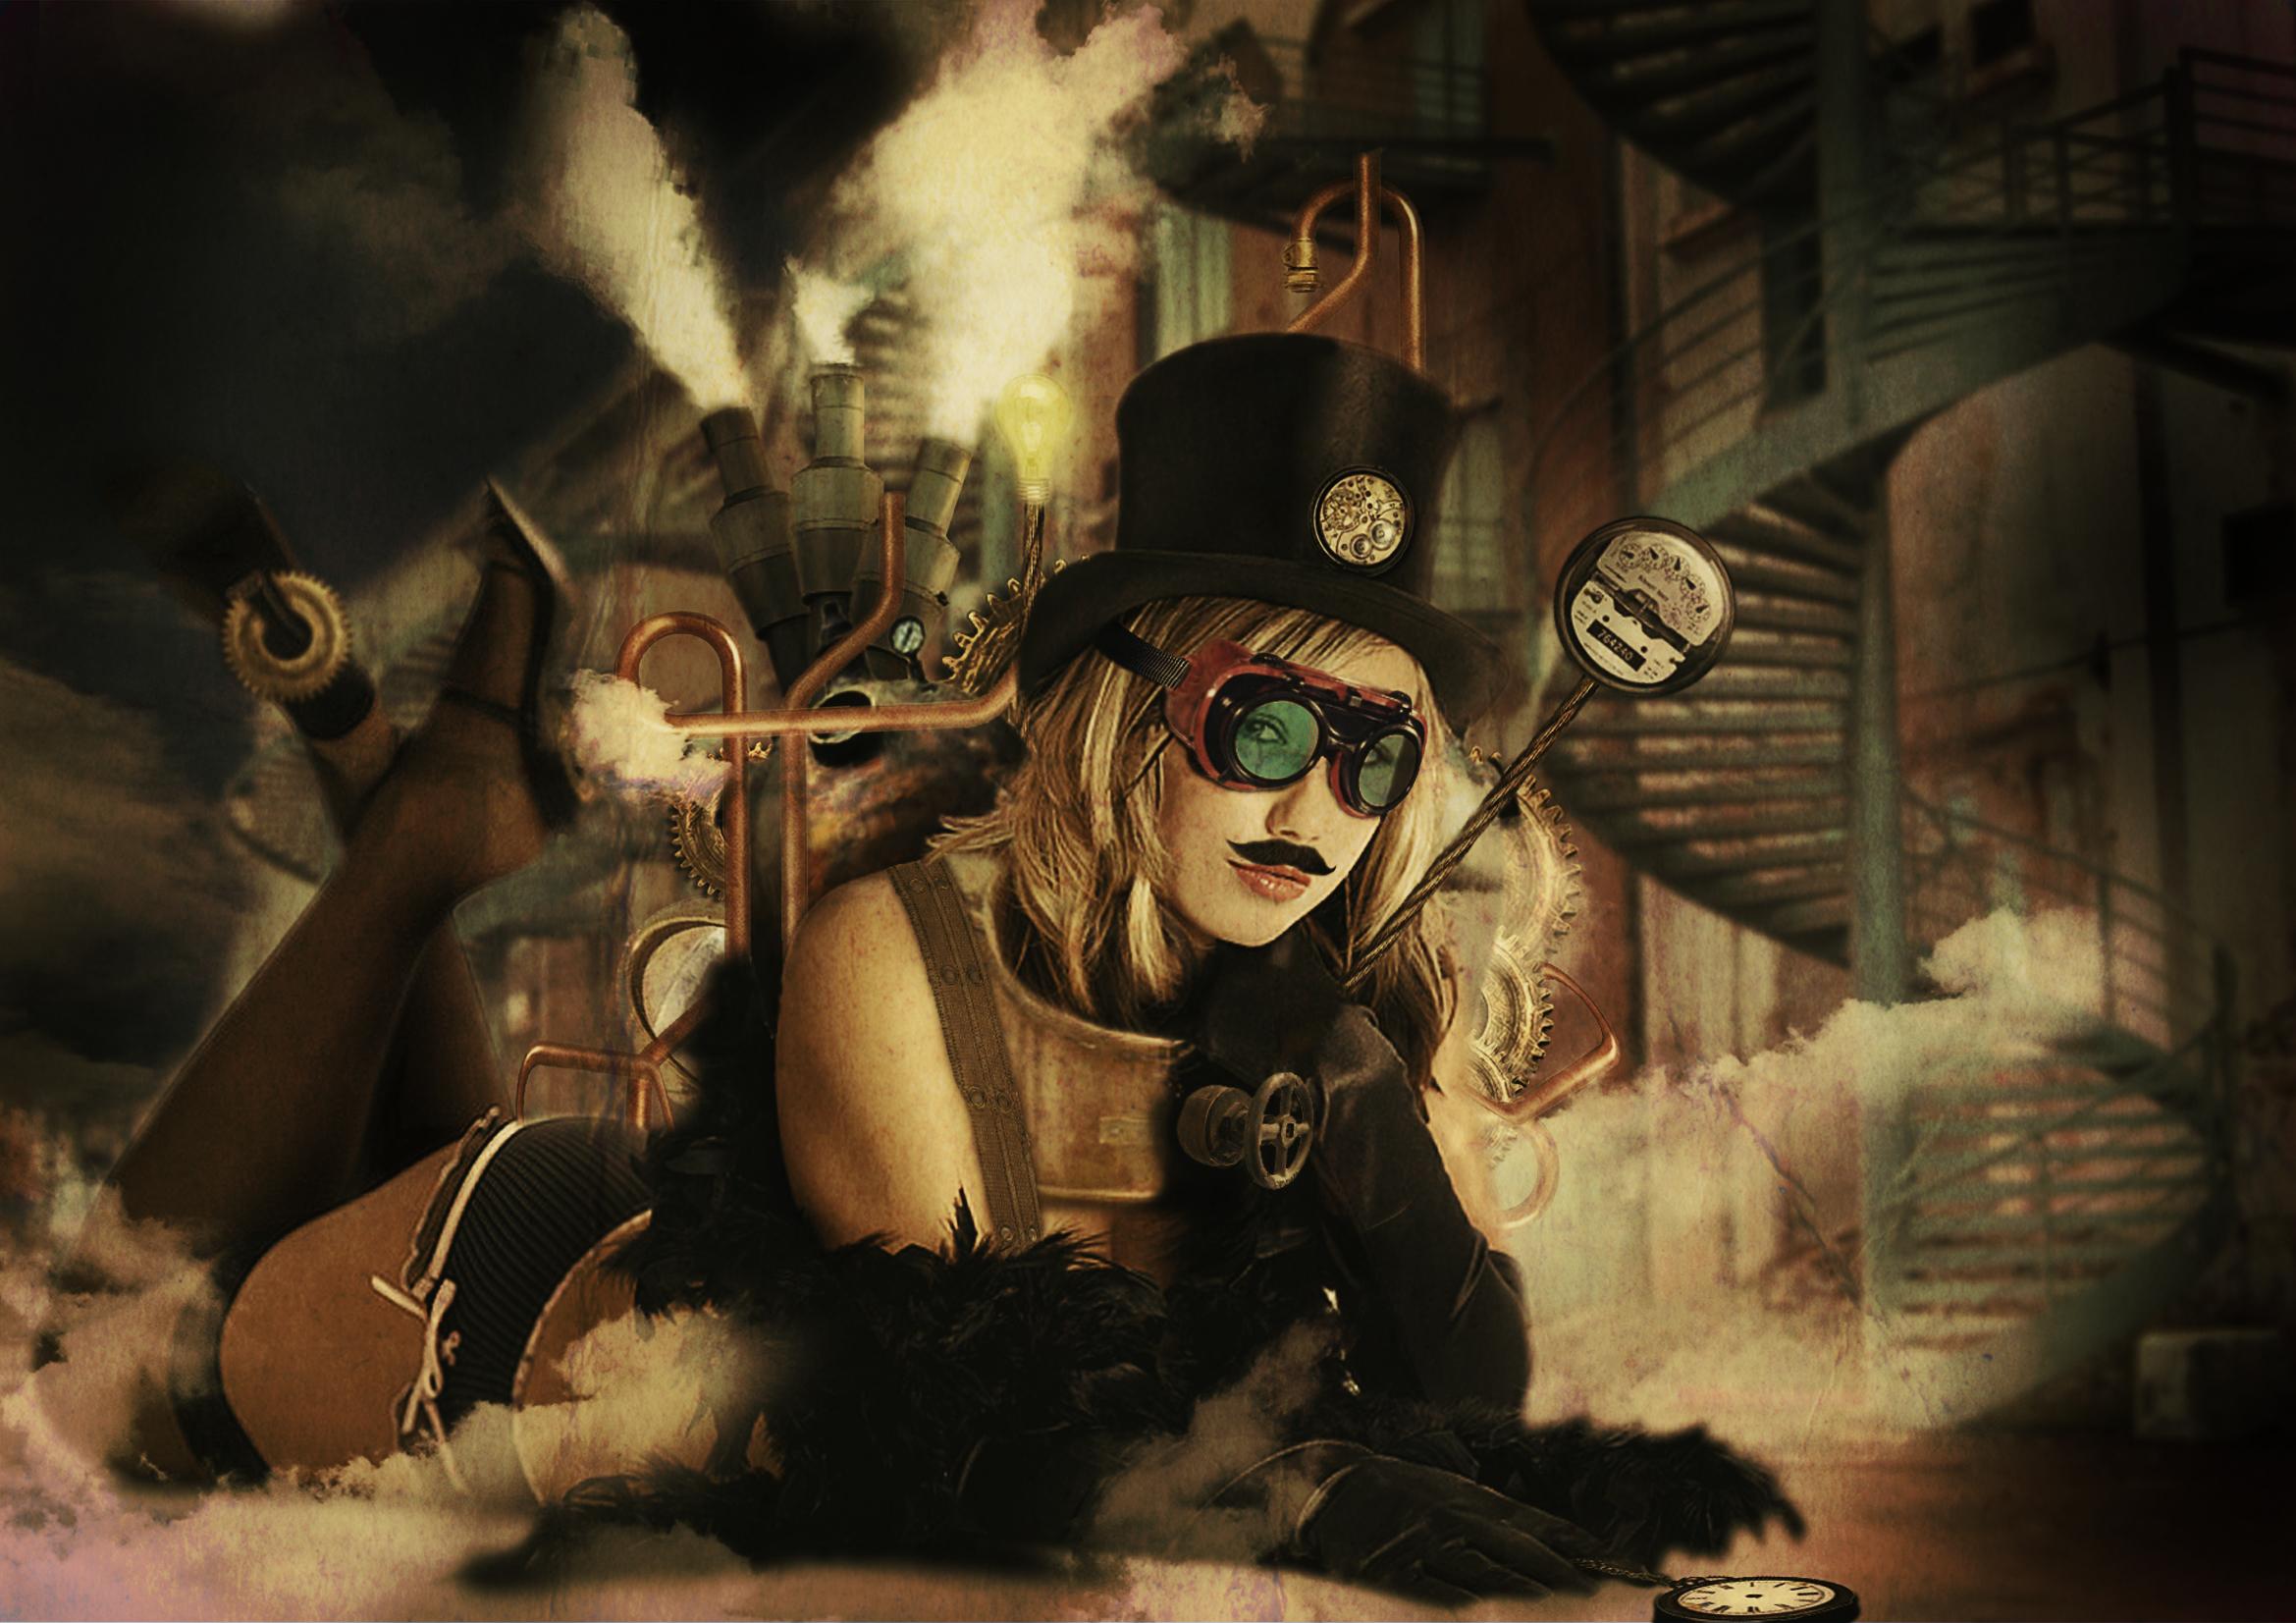 Steampunk Hd